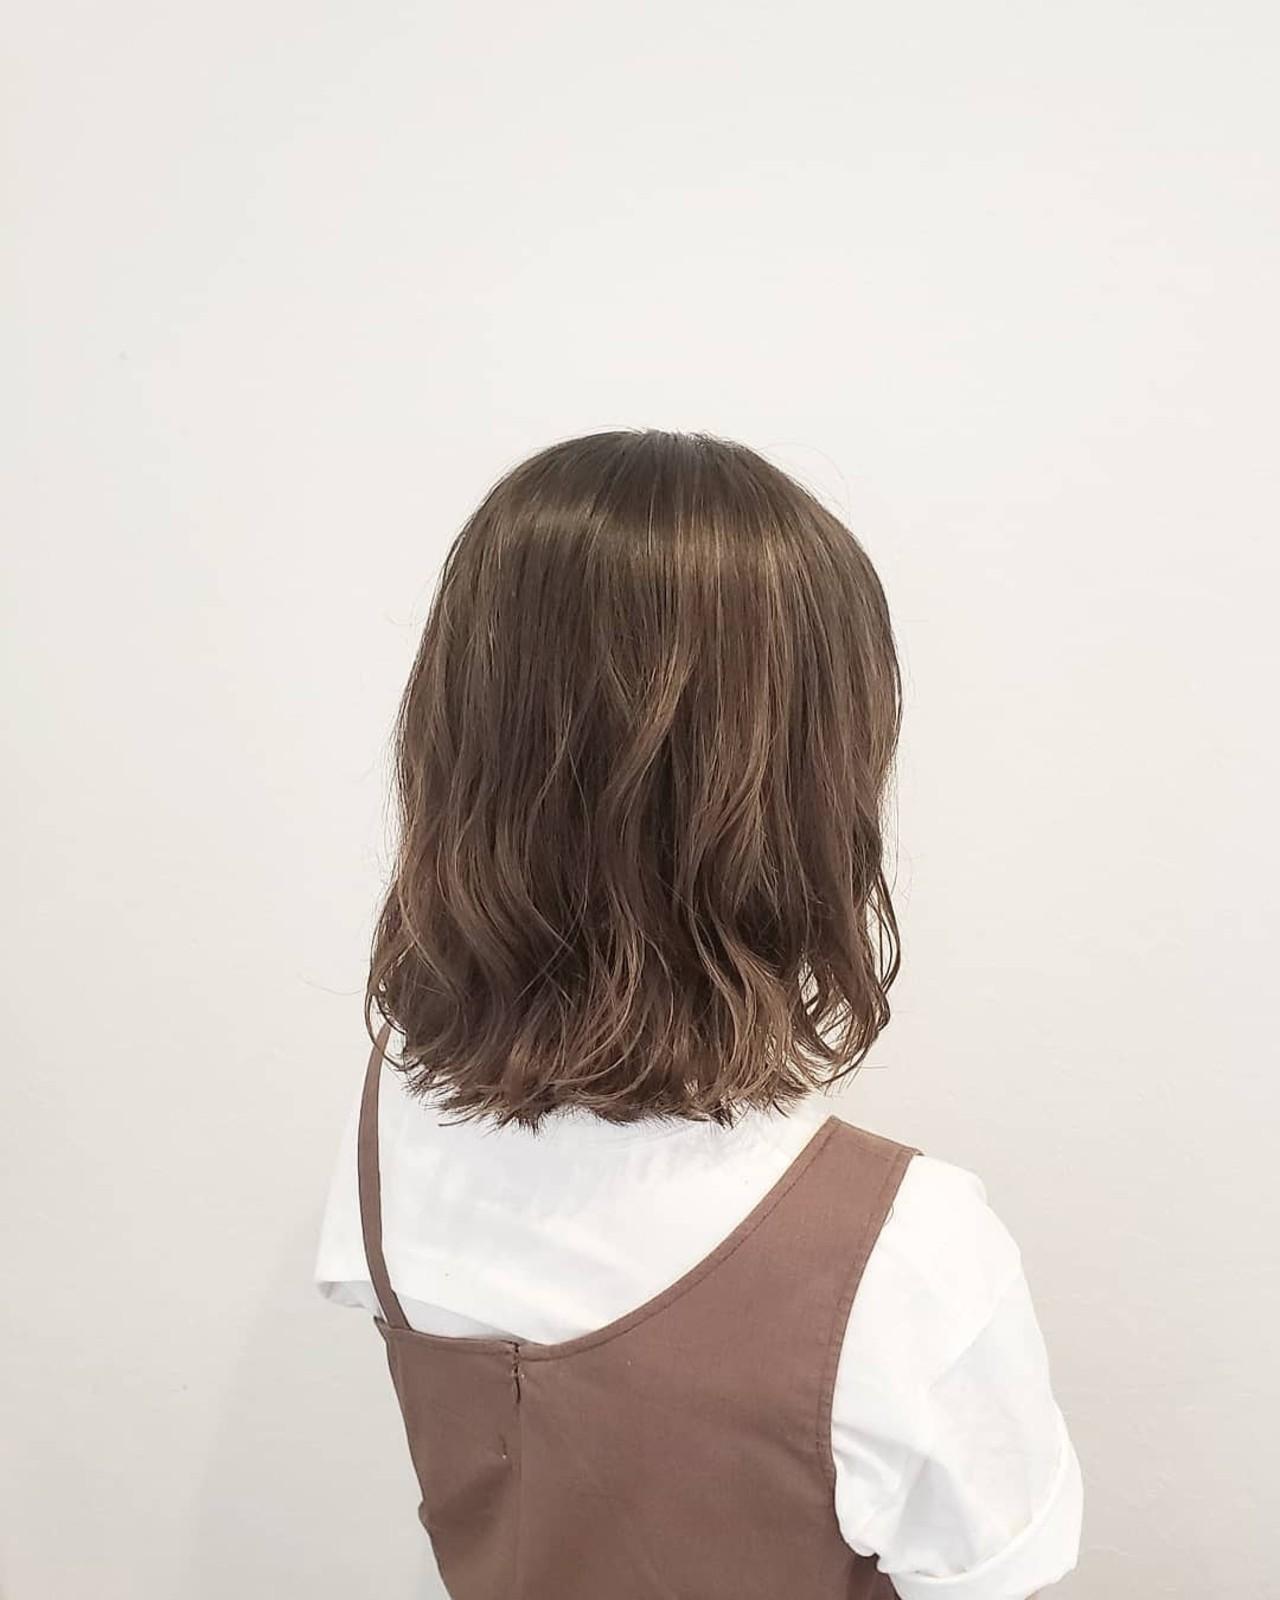 ナチュラル グレージュ ミディアム ハイライトヘアスタイルや髪型の写真・画像